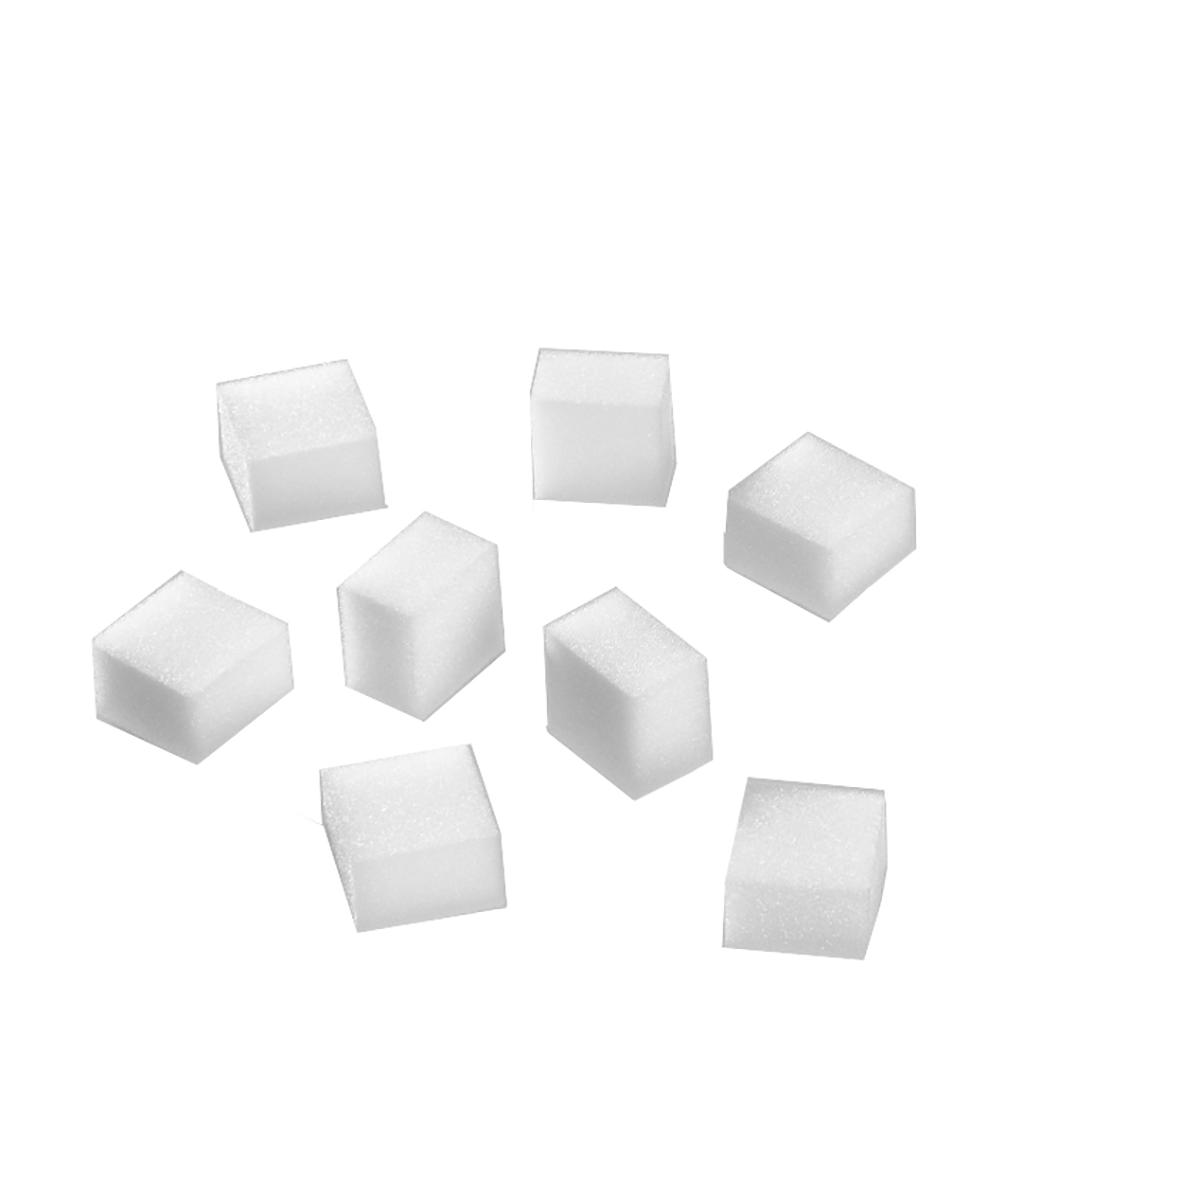 Foam Cubes Image